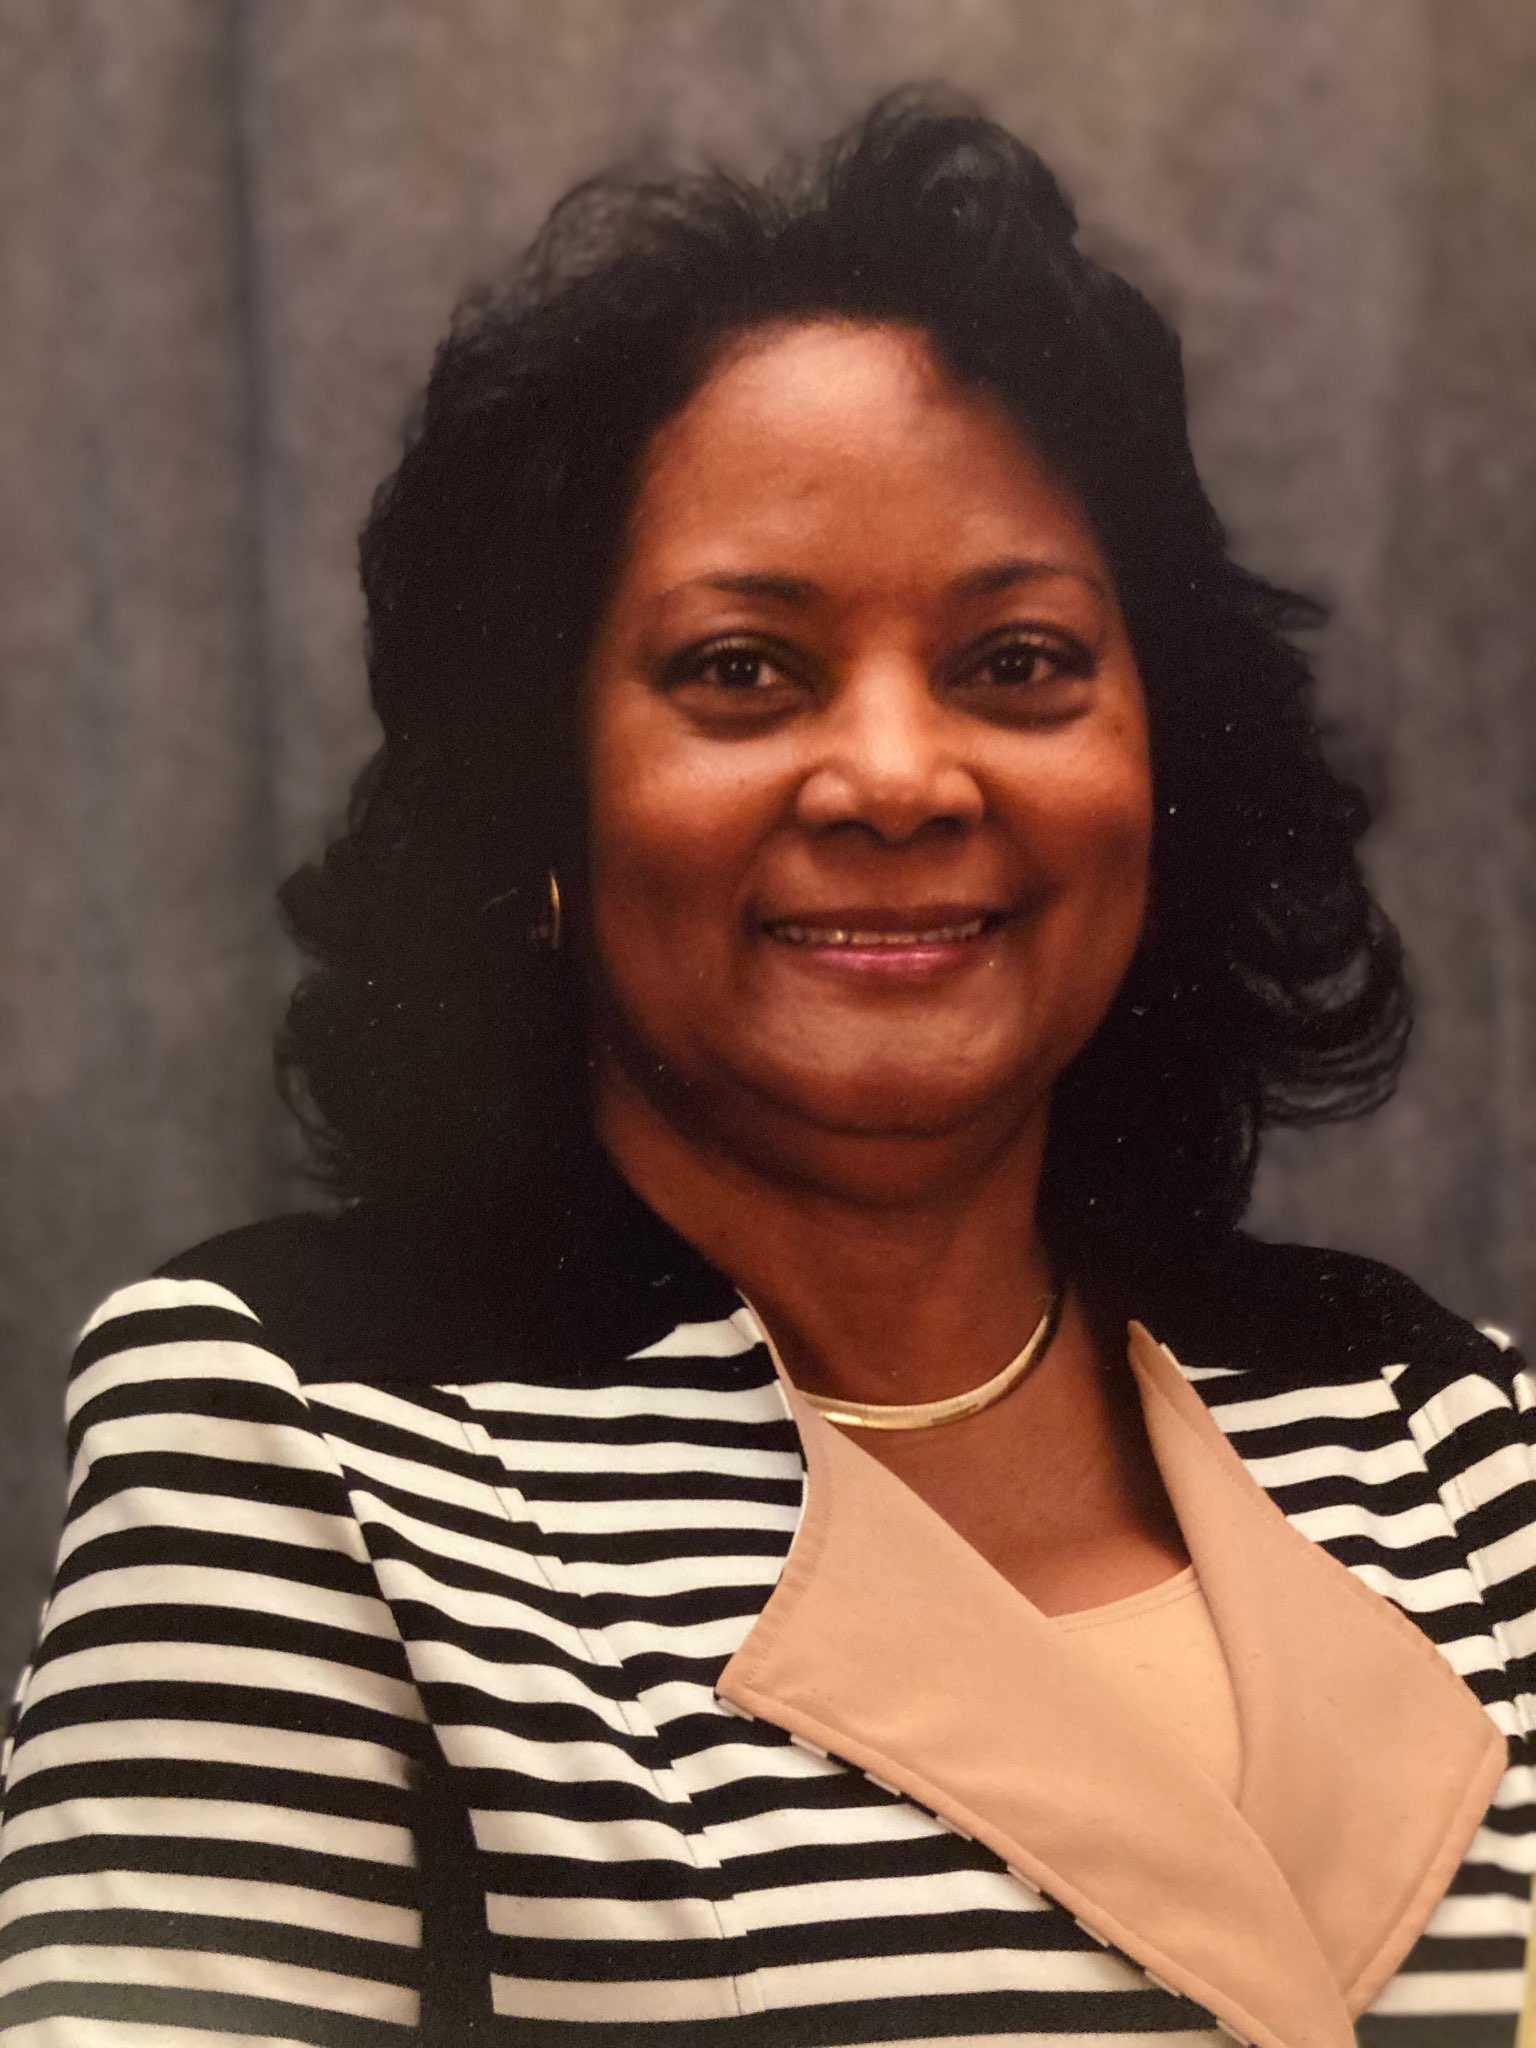 Dr. Pamela Huffman-DeVaughn, a Black woman, wearing a black-and-white striped blazer.